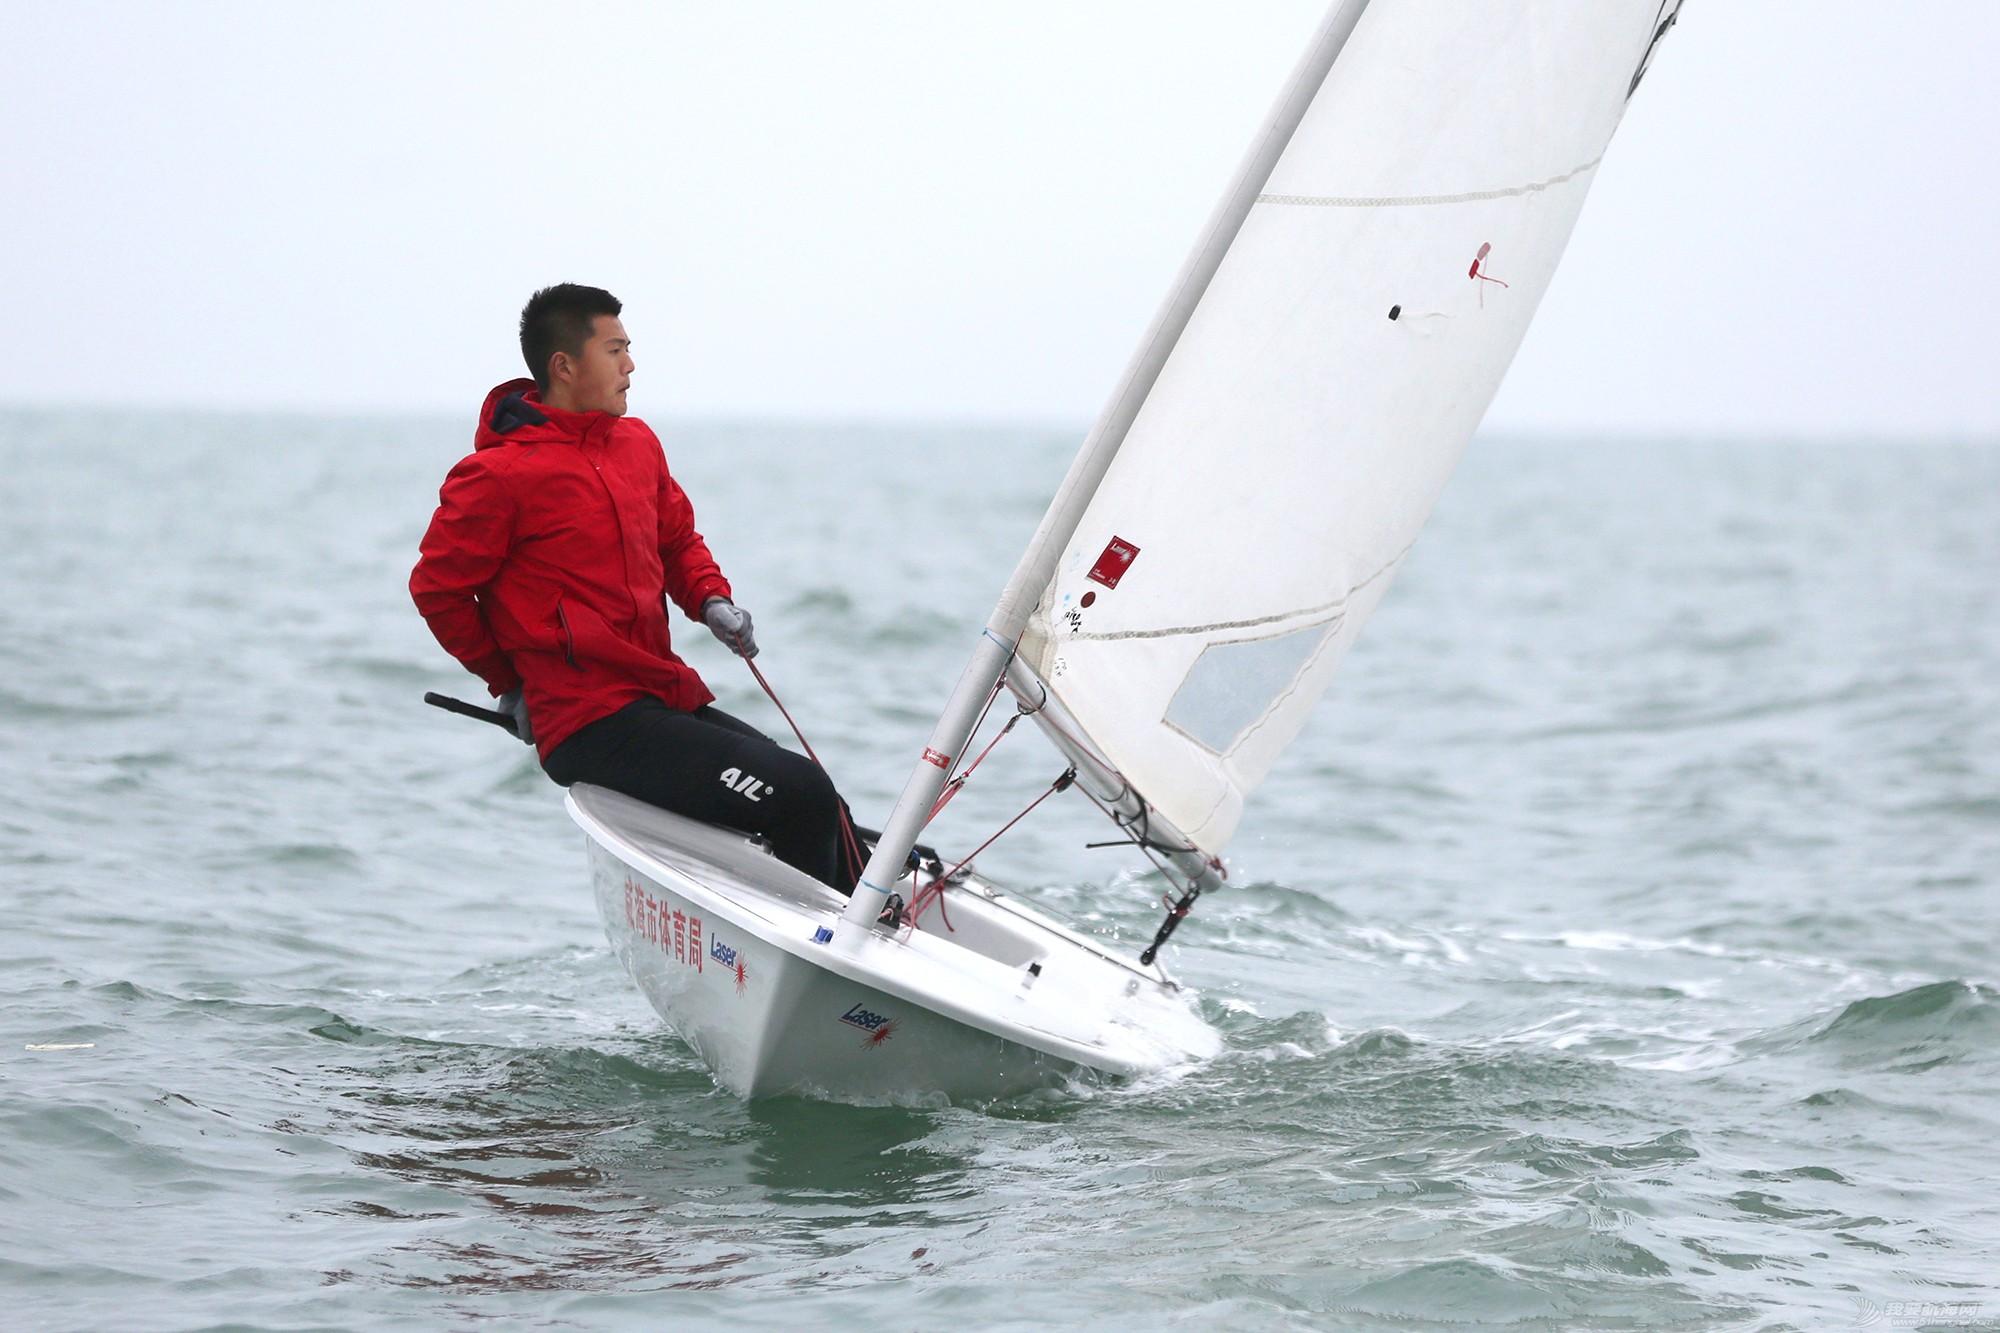 山东省,运动员,冠军赛,天气,帆板 风生水起,怎奈个个都是浪里白条——山东省帆船帆板冠军赛第二天赛况 5V8A2860副本.jpg